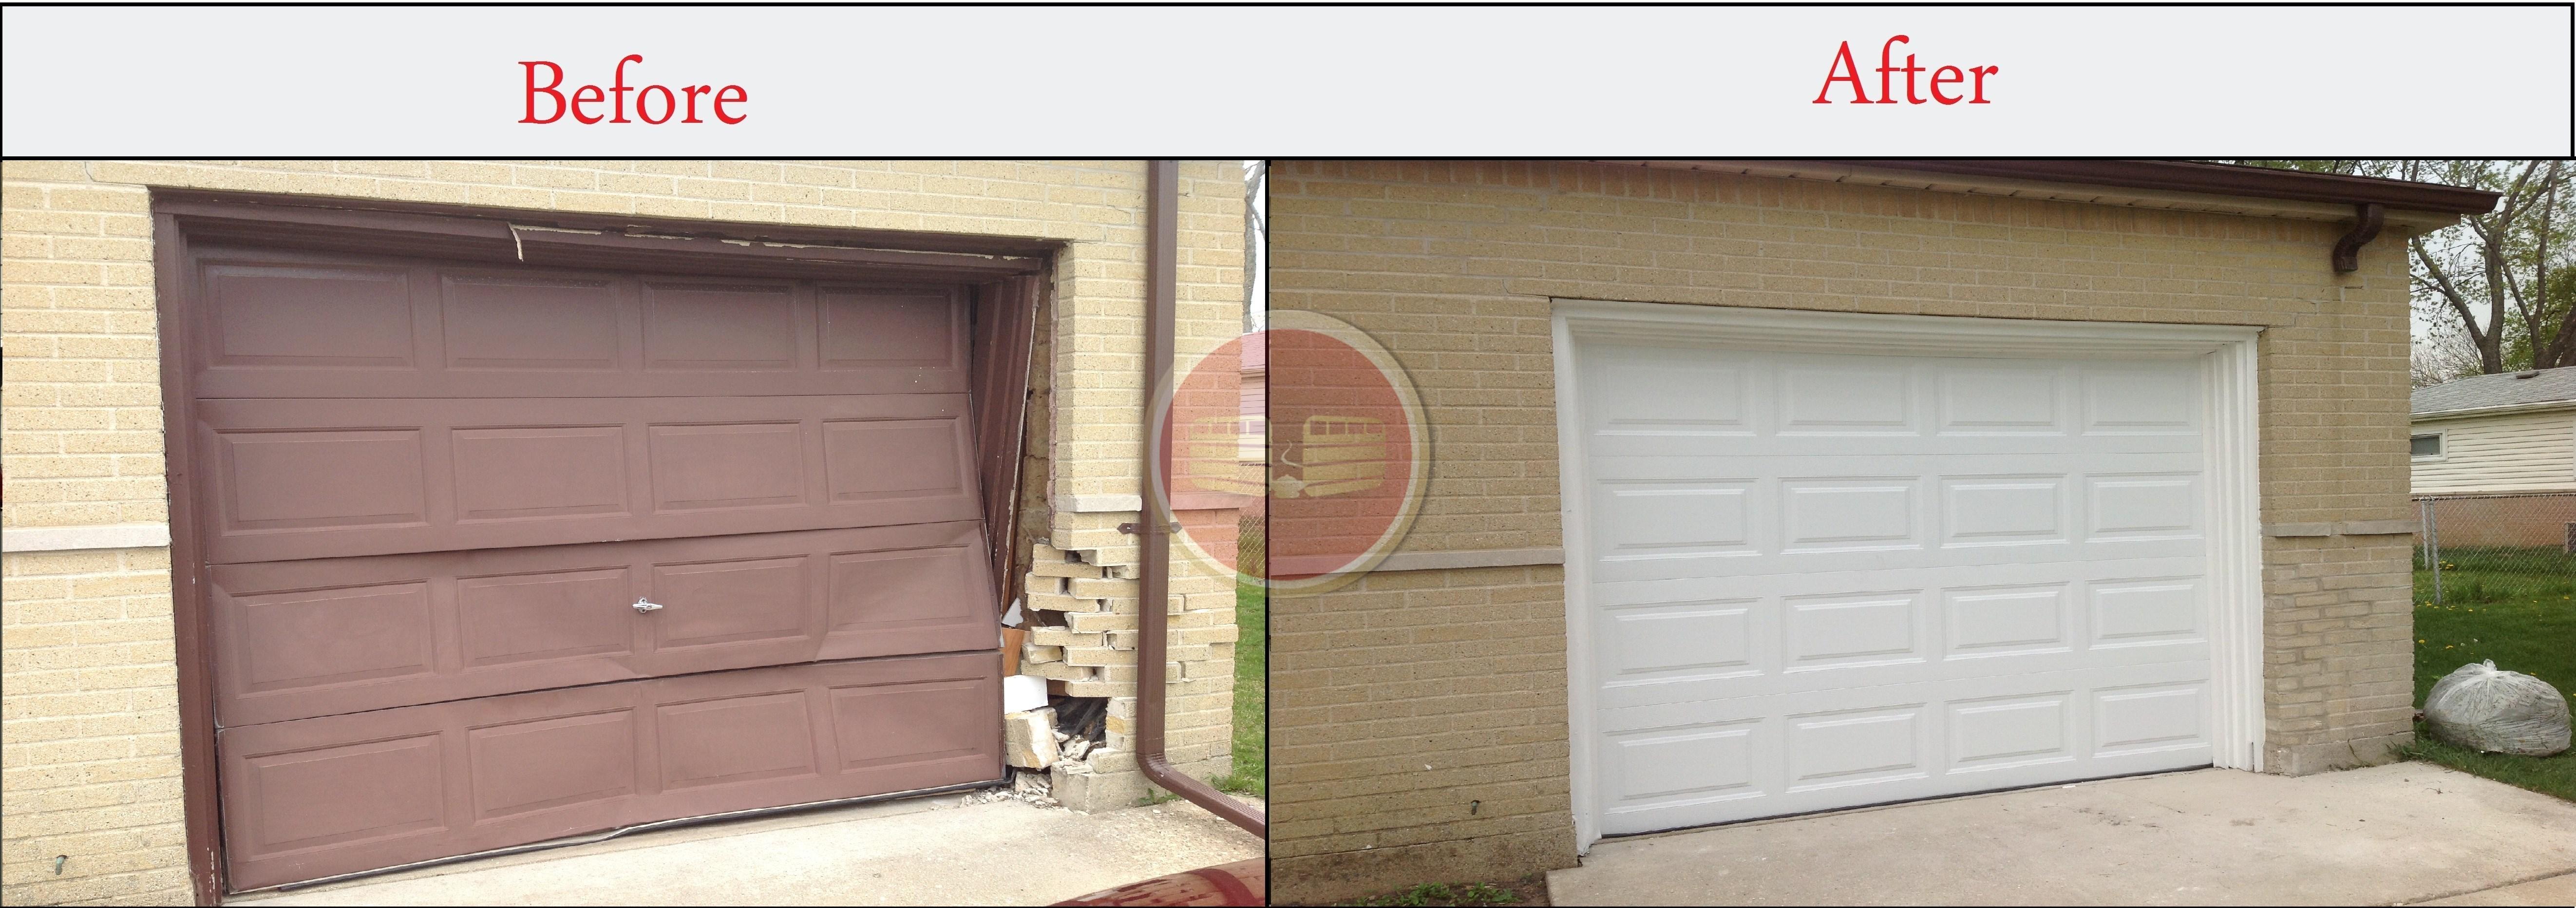 Clopay Troy Ohio | Fiberglass Overhead Garage Doors | Copley Garage Doors